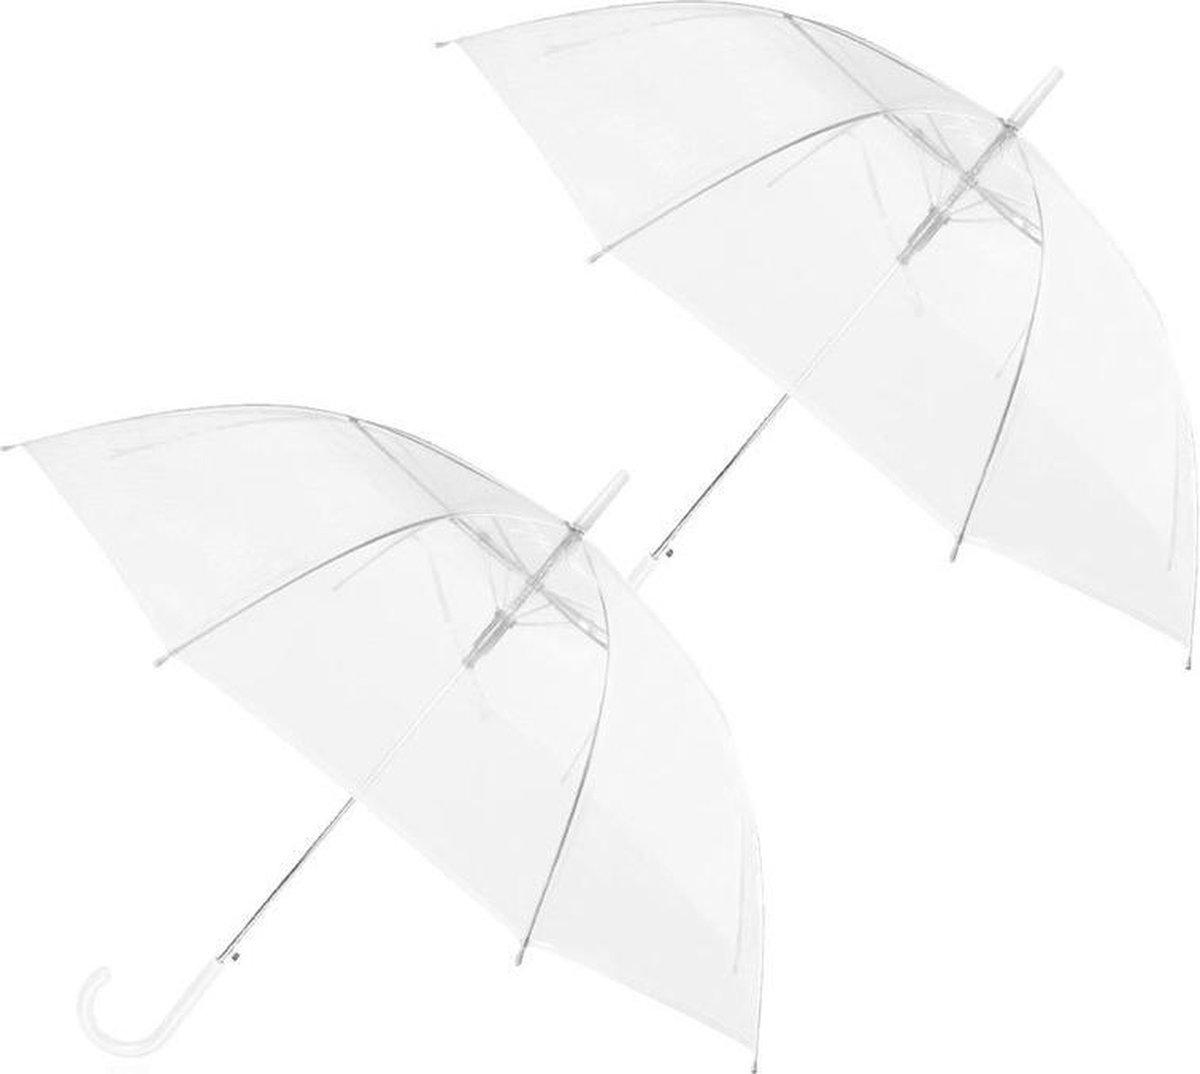 2x Transparant plastic paraplu 92 cm - doorzichtige paraplu